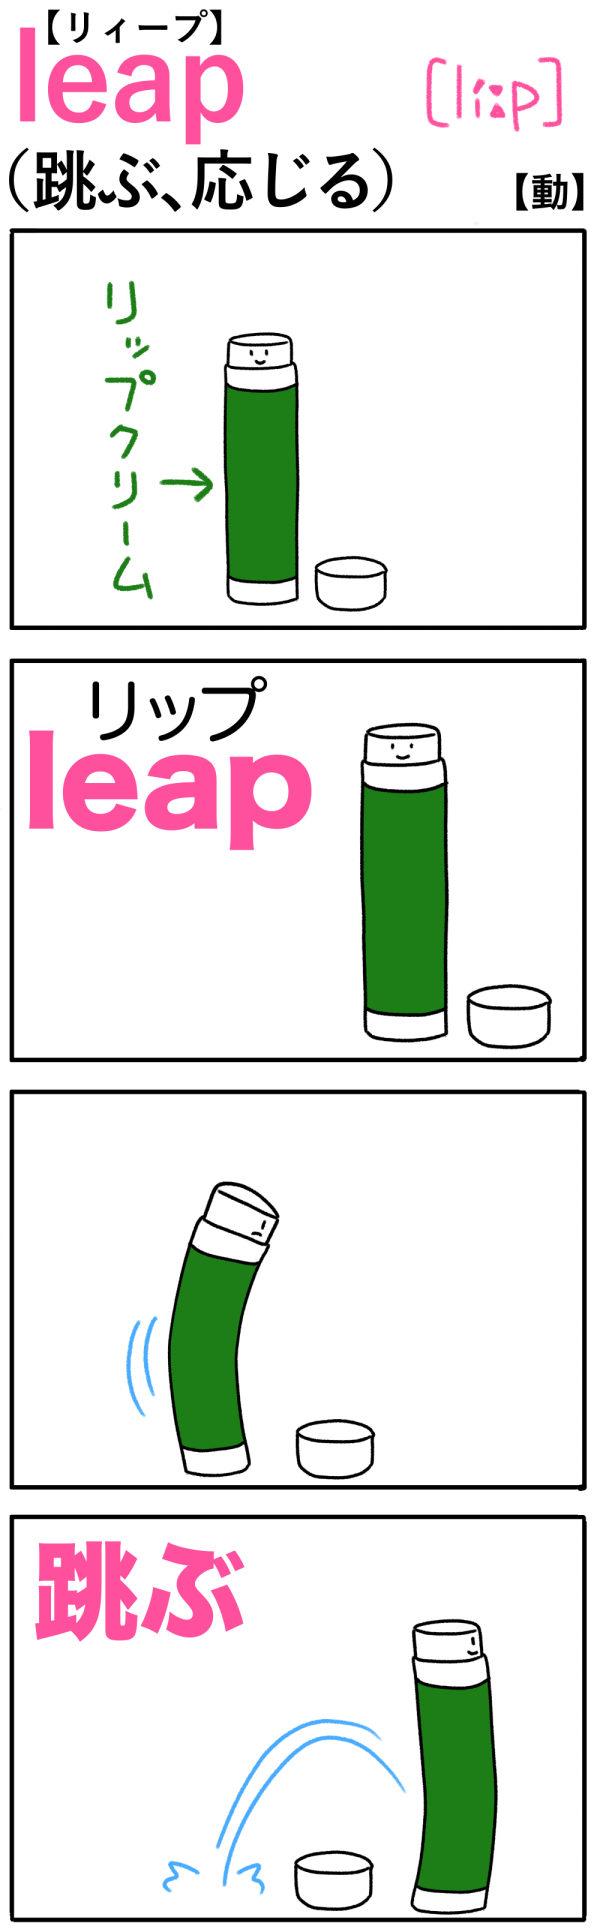 leap(跳ぶ)の語呂合わせ英単語